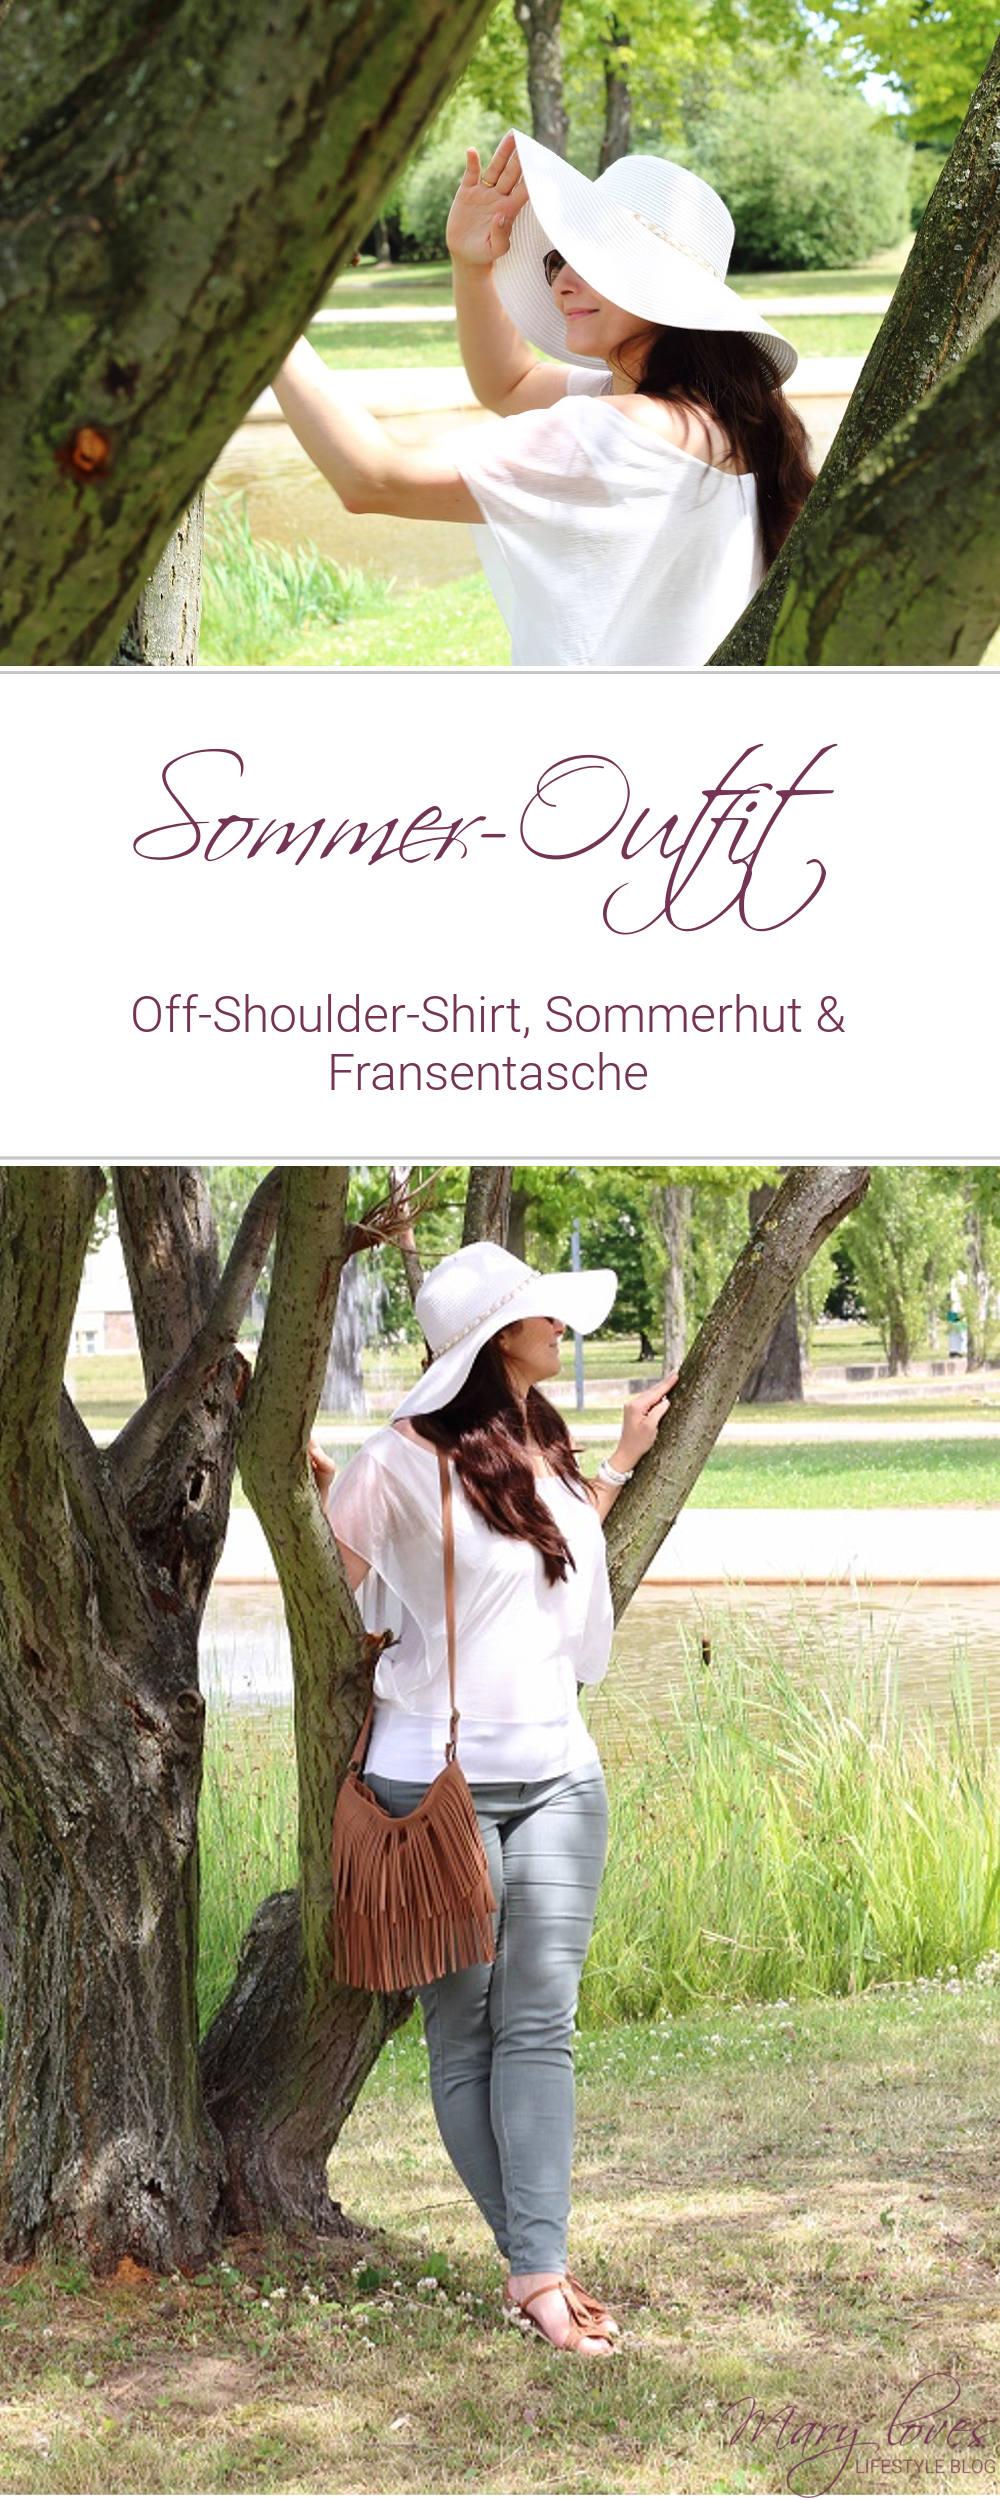 Sommer-Outfit - Off-Shoulder-Shirt, Sommerhut & Fransentasche